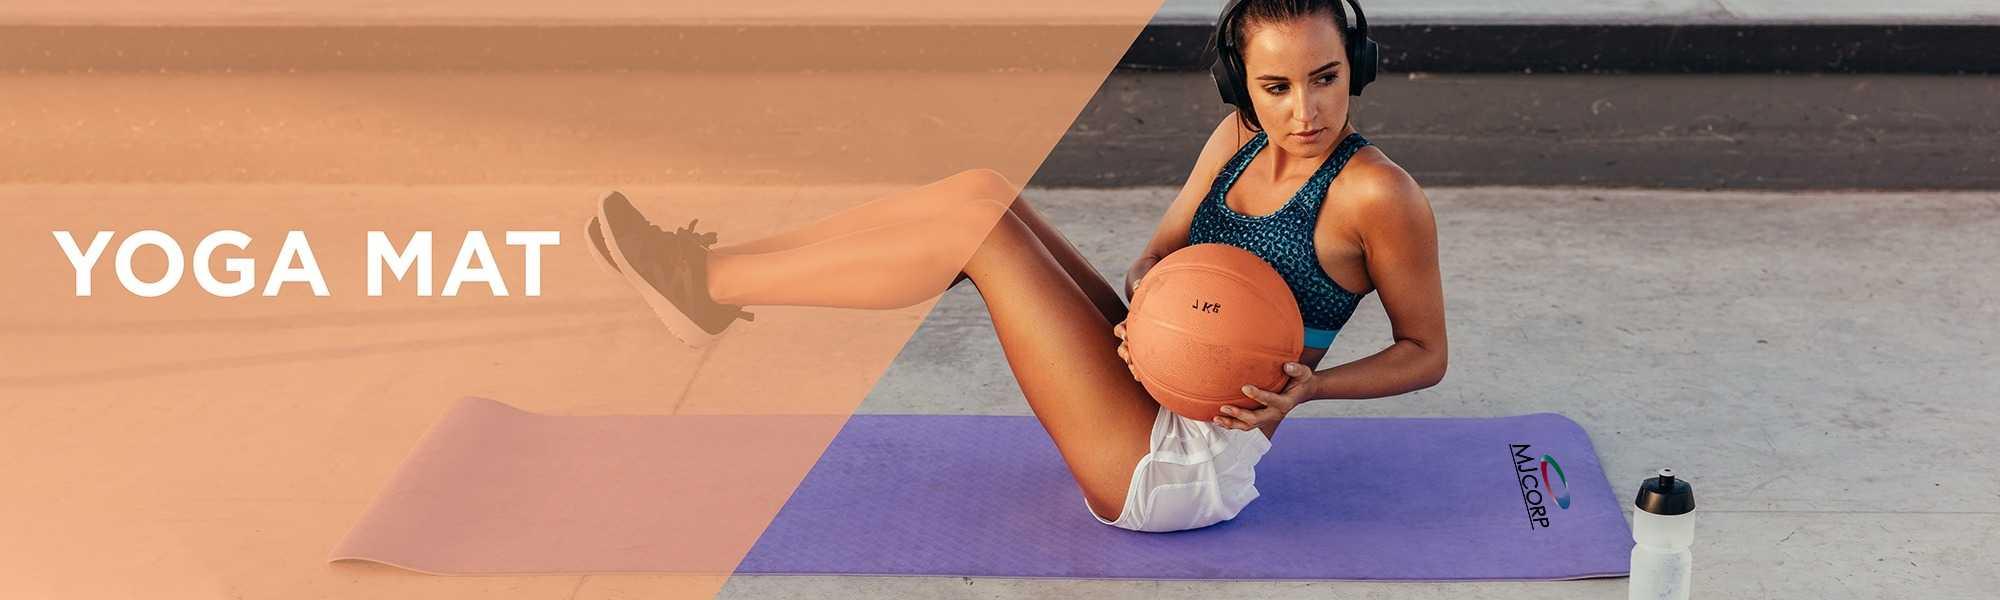 Yoga Mat AIM